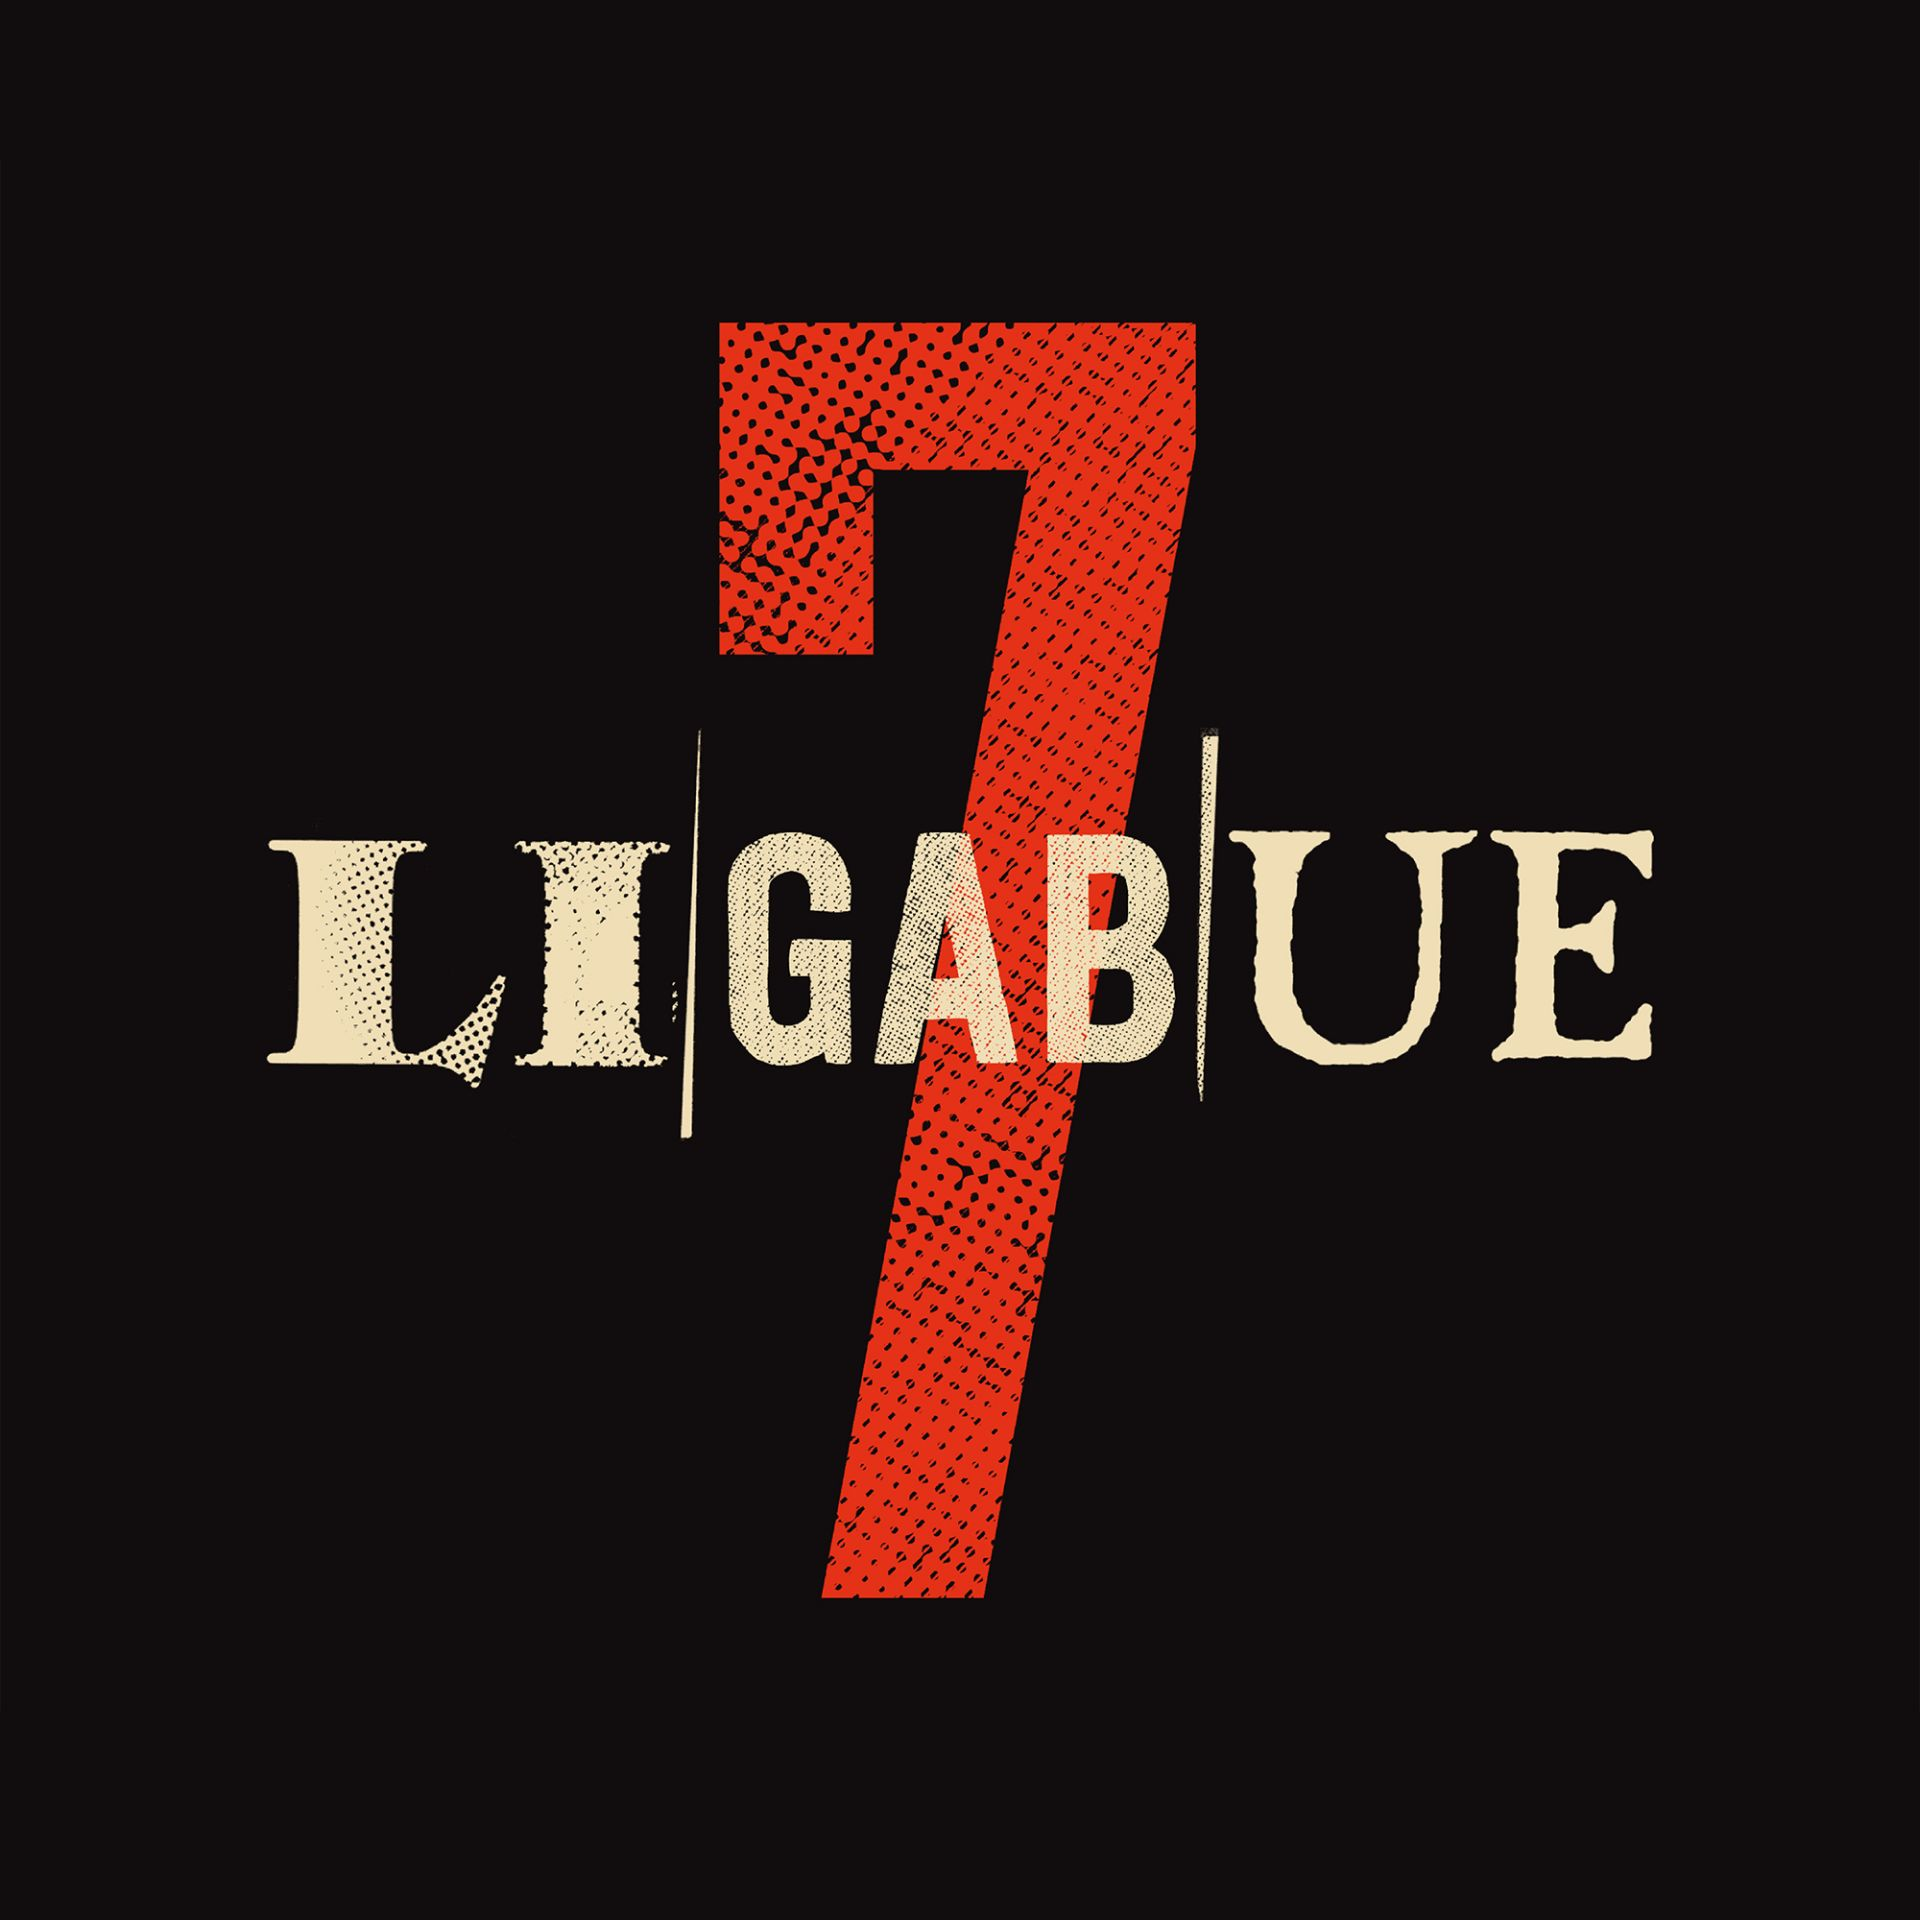 LIGABUE_7_cover_b.jpg